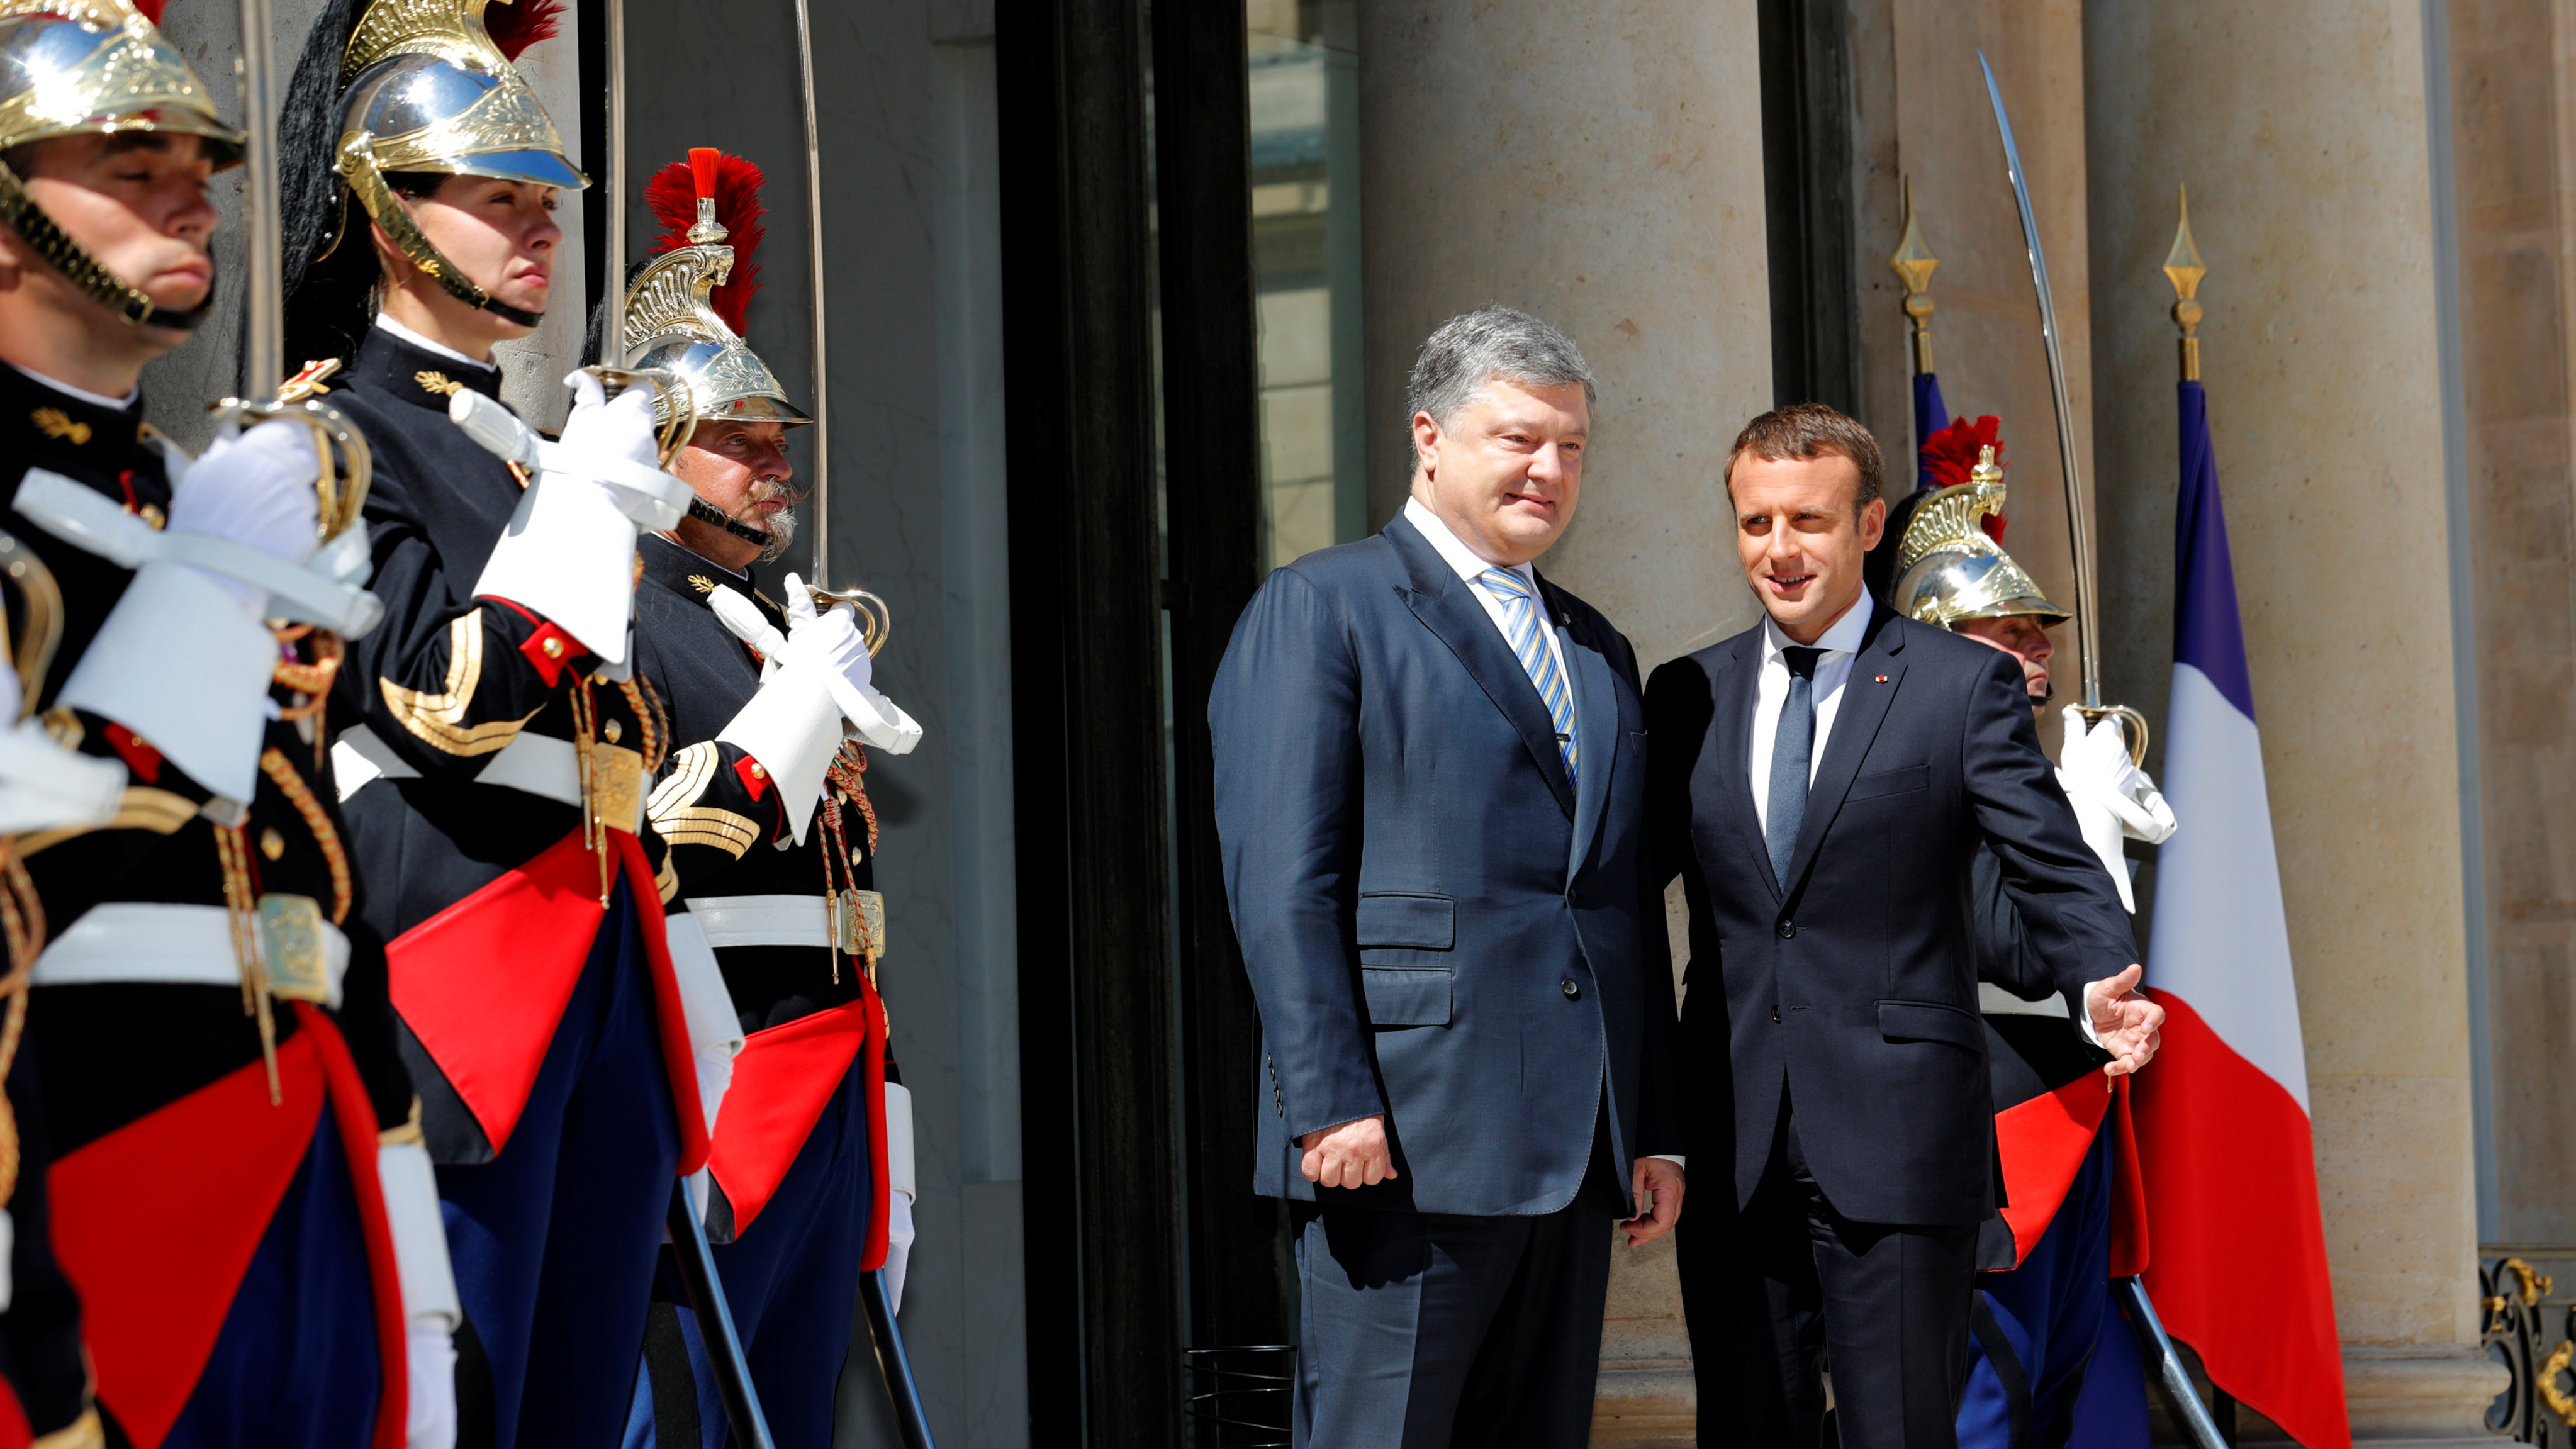 Геращенко: Переговоры озаручниках будут зависеть от«нормандского» разговора